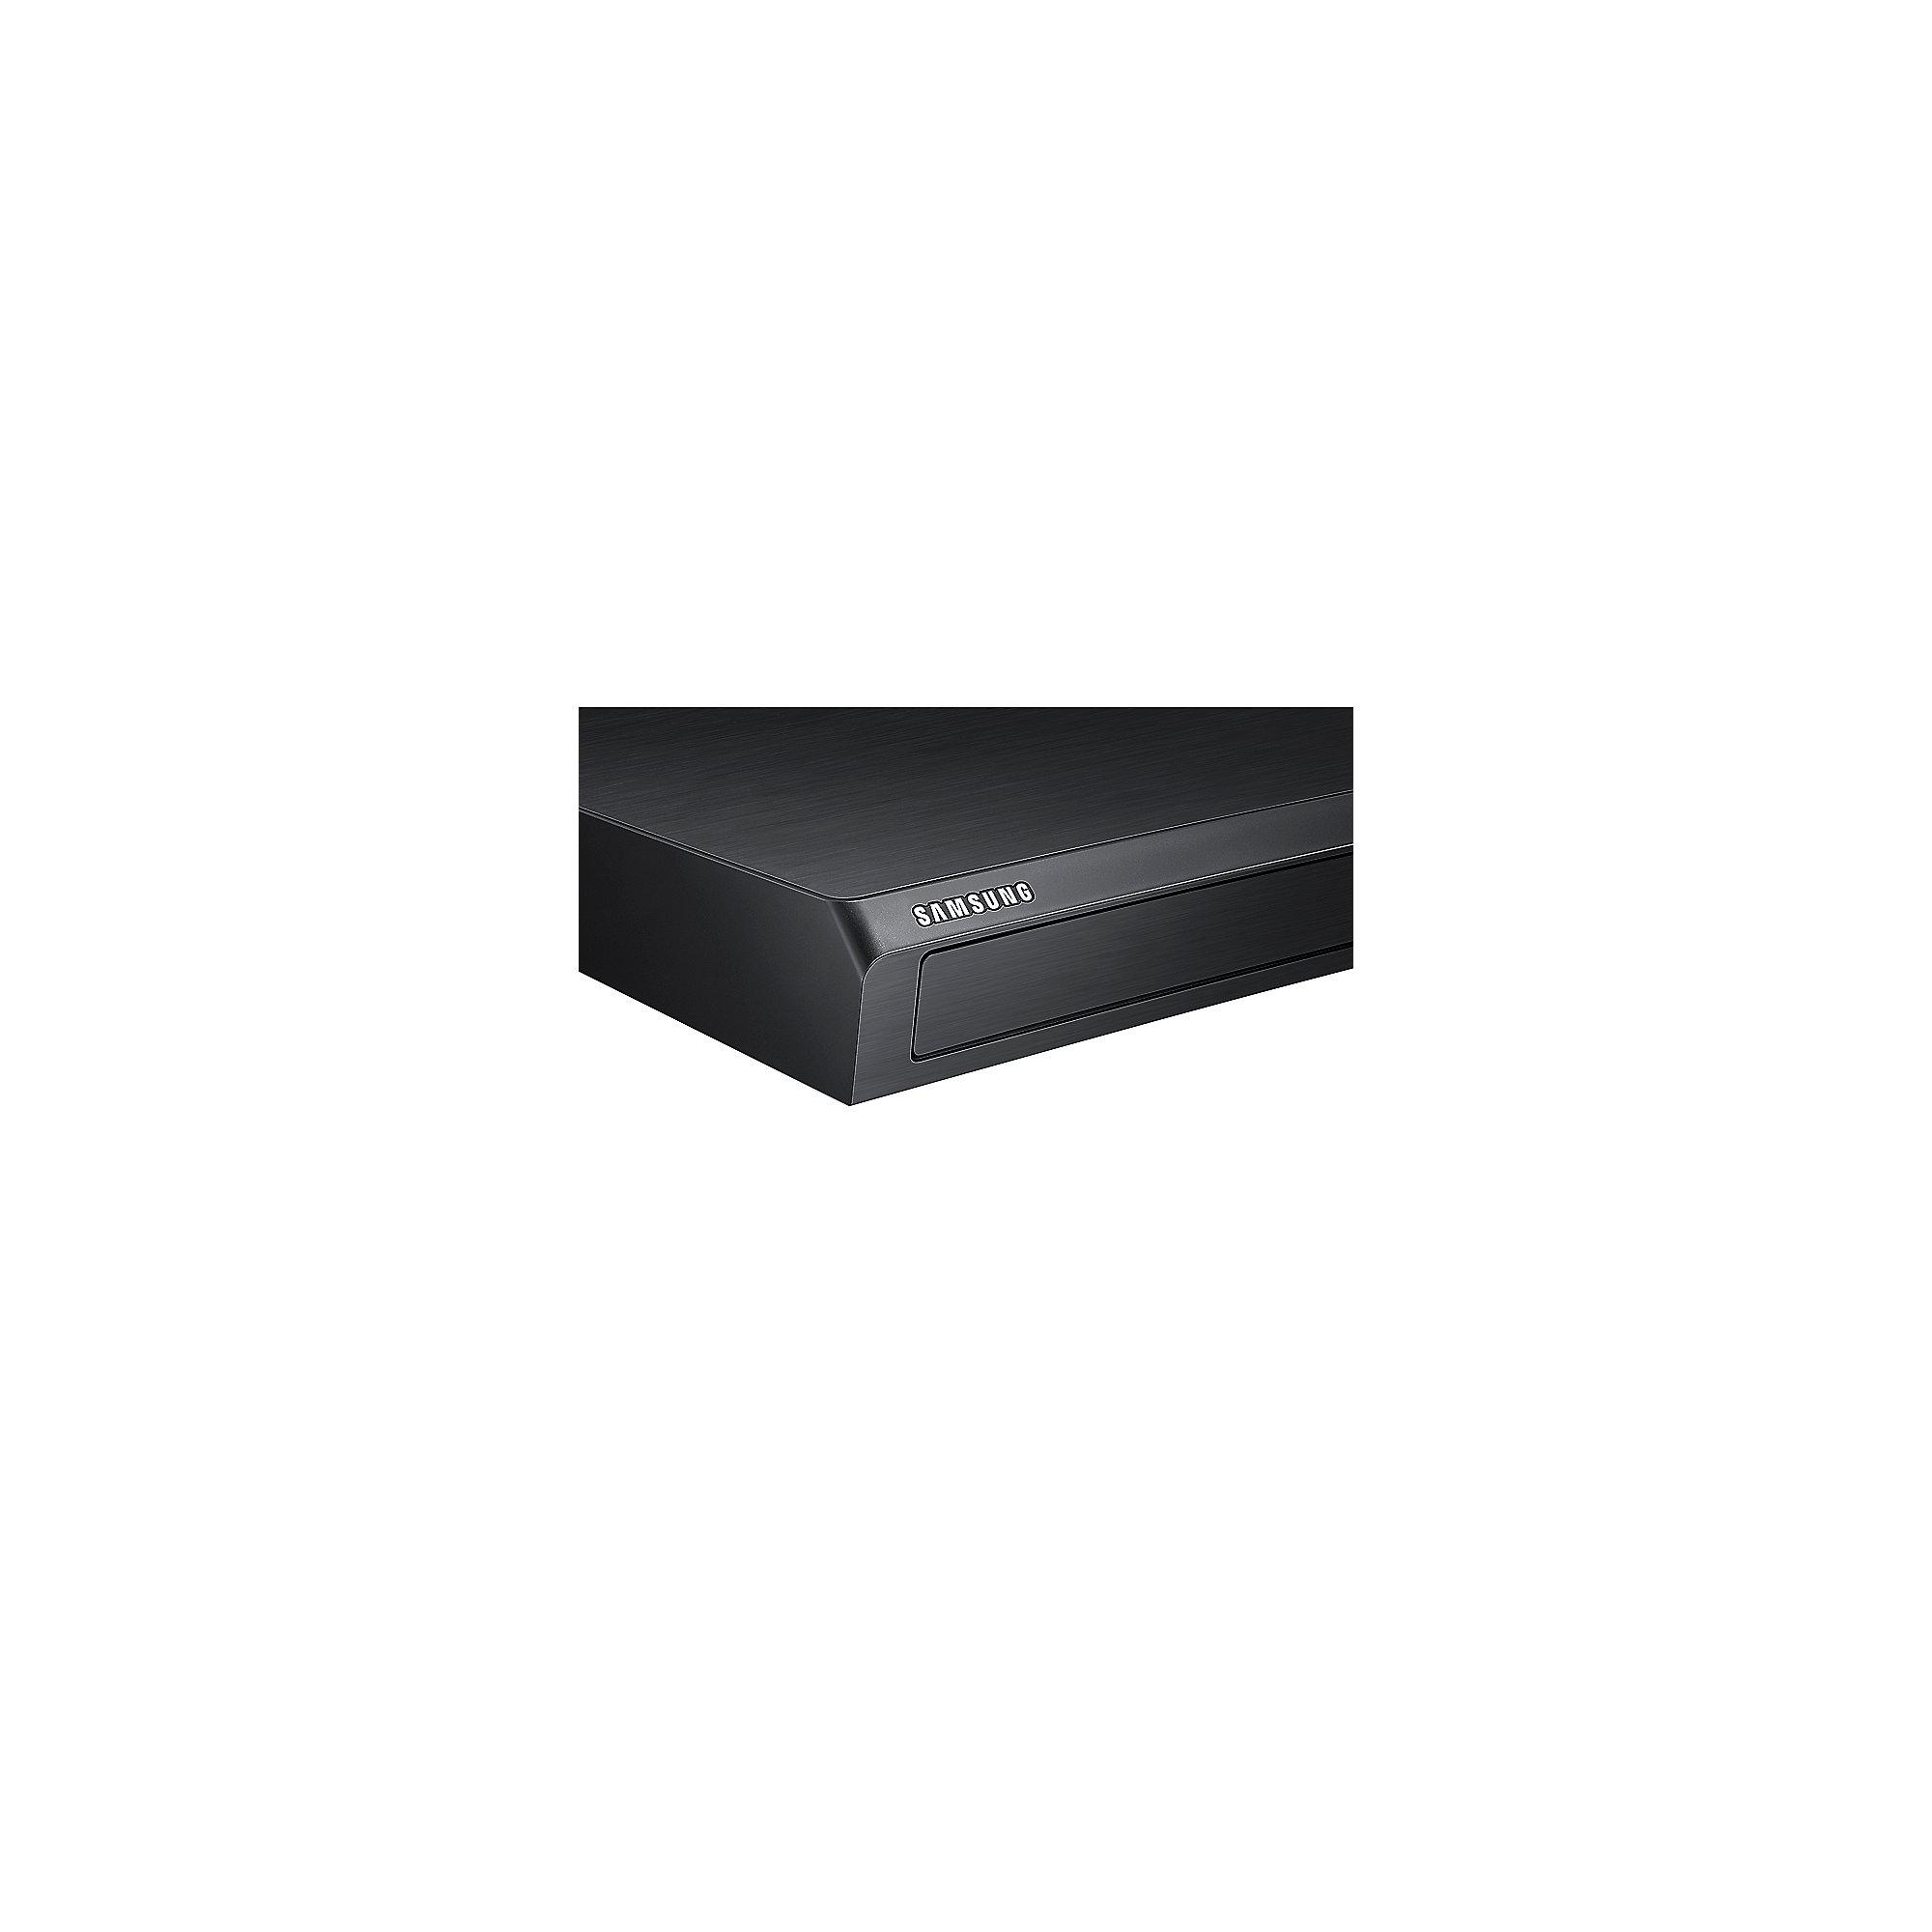 samsung ubd m9500 uhd bd player mit wlan wifi 3d 4k wiedergabe schwarz cyberport. Black Bedroom Furniture Sets. Home Design Ideas